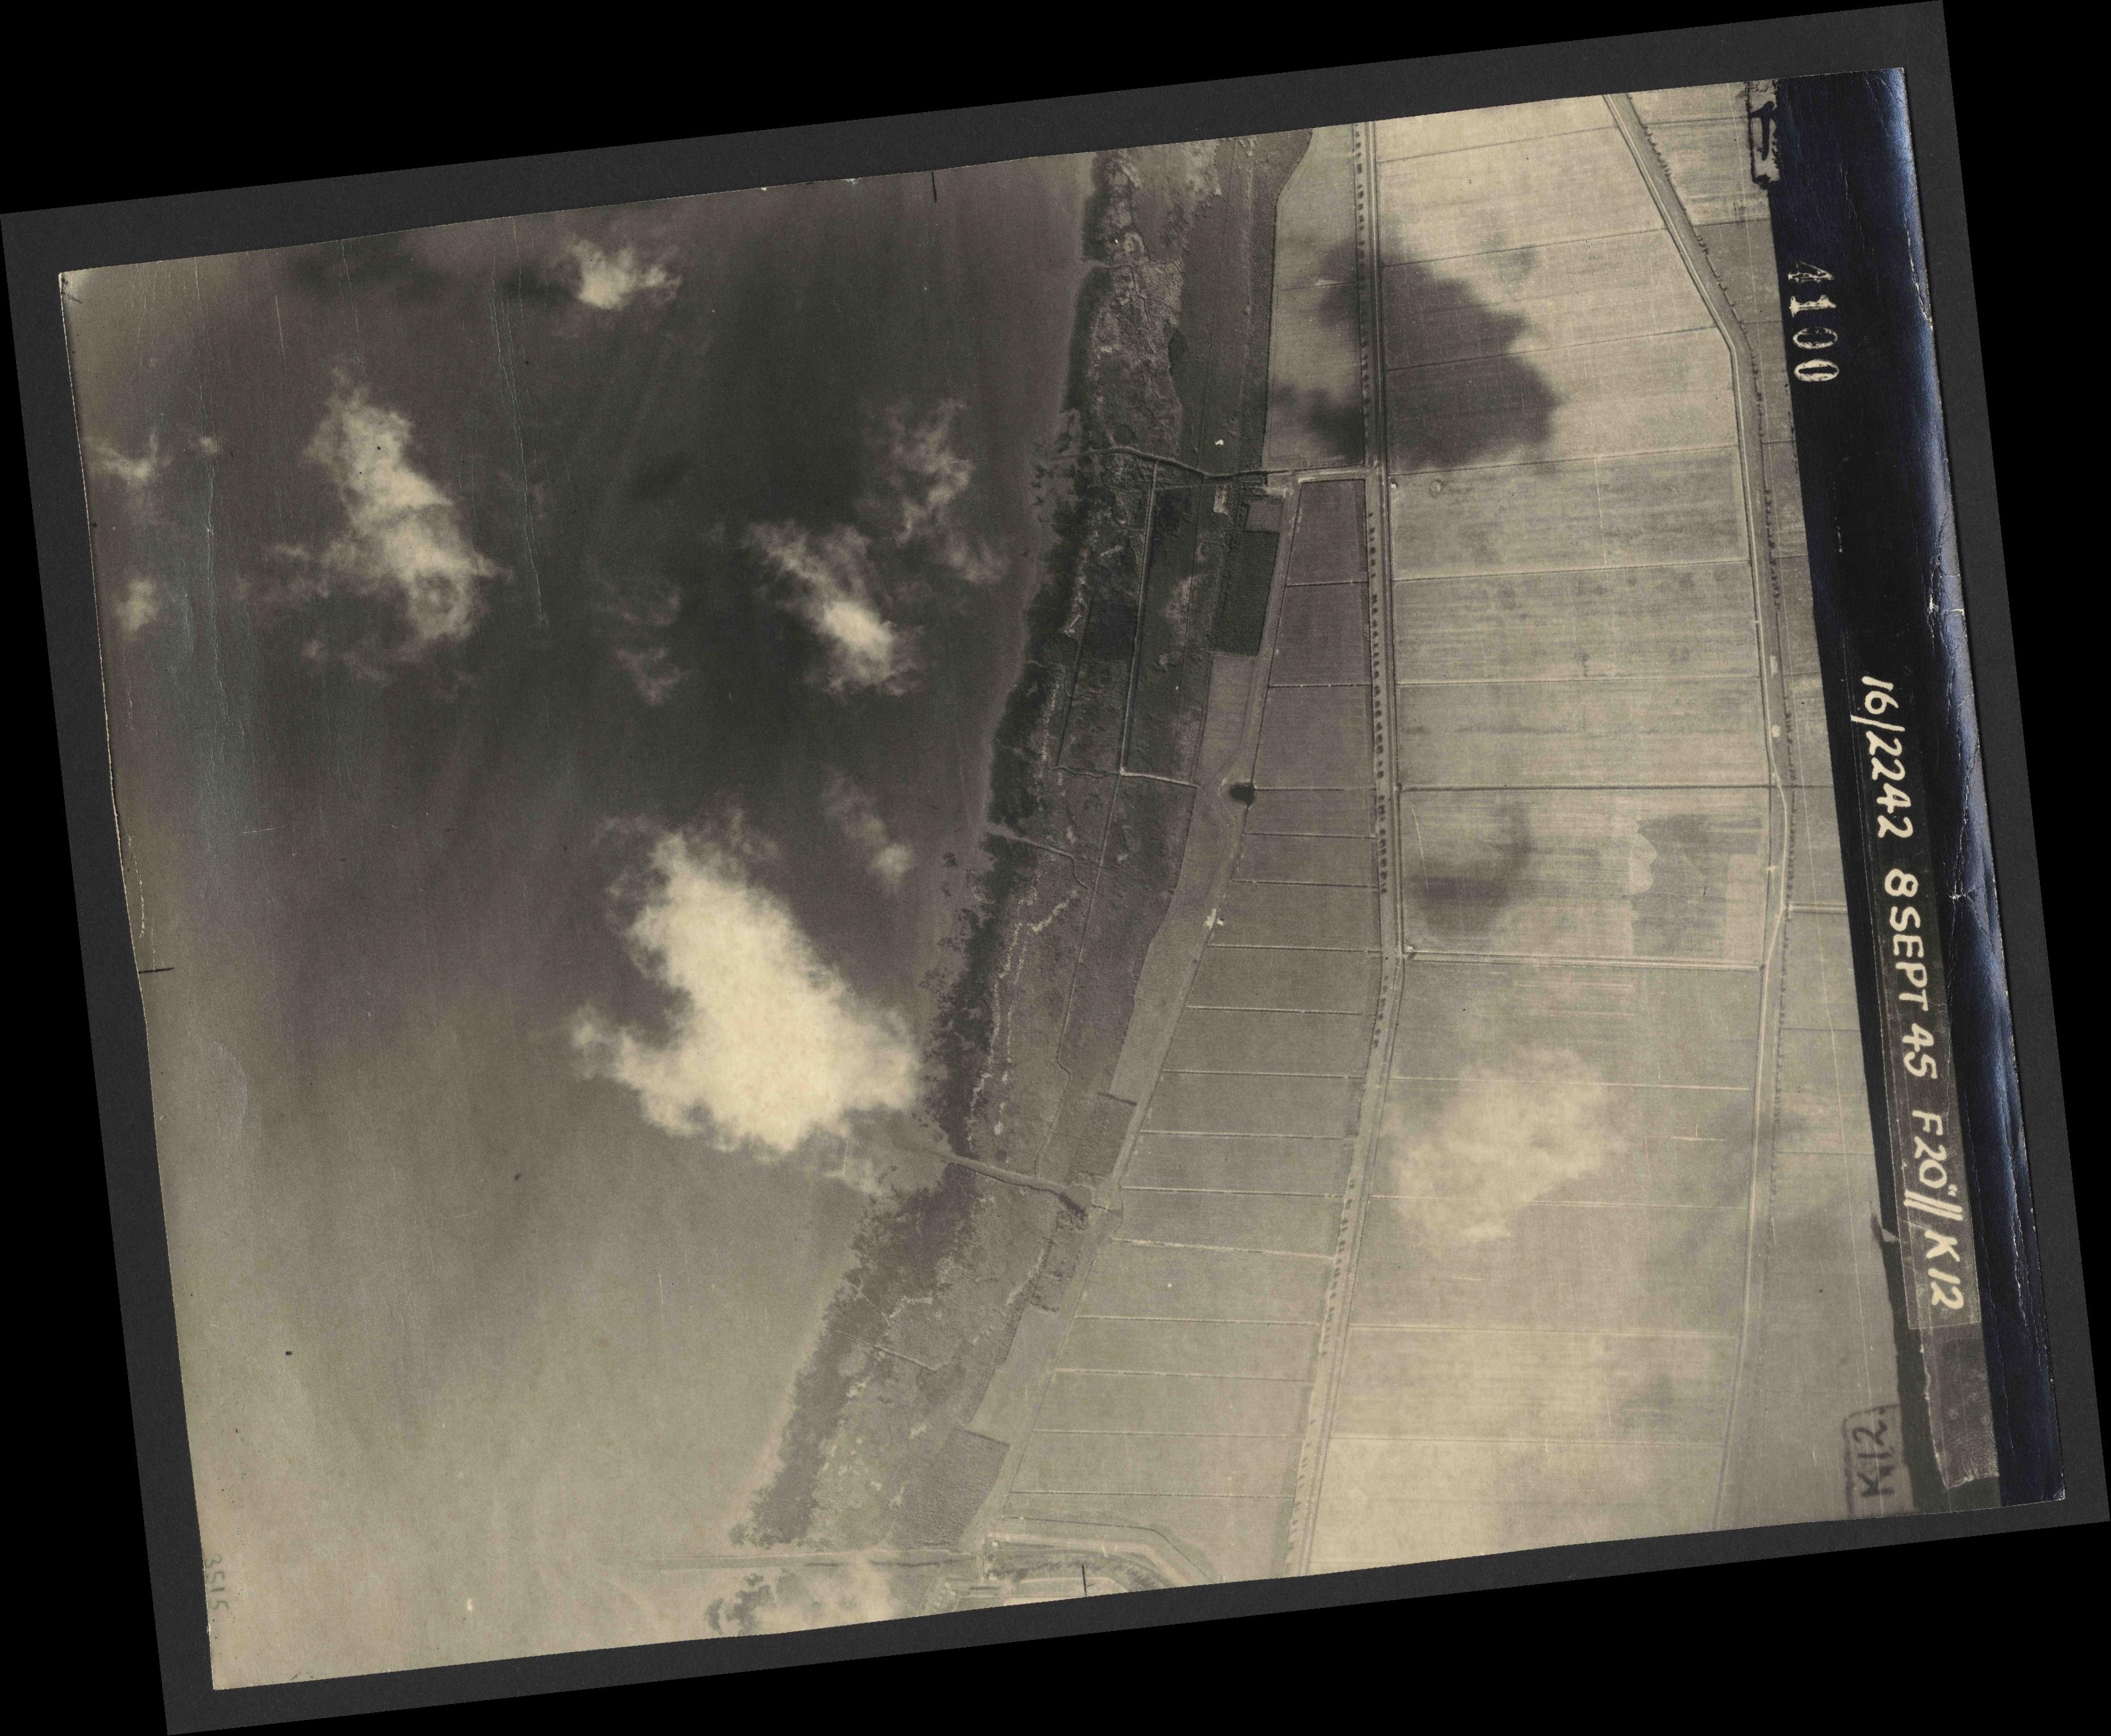 Collection RAF aerial photos 1940-1945 - flight 036, run 13, photo 4100